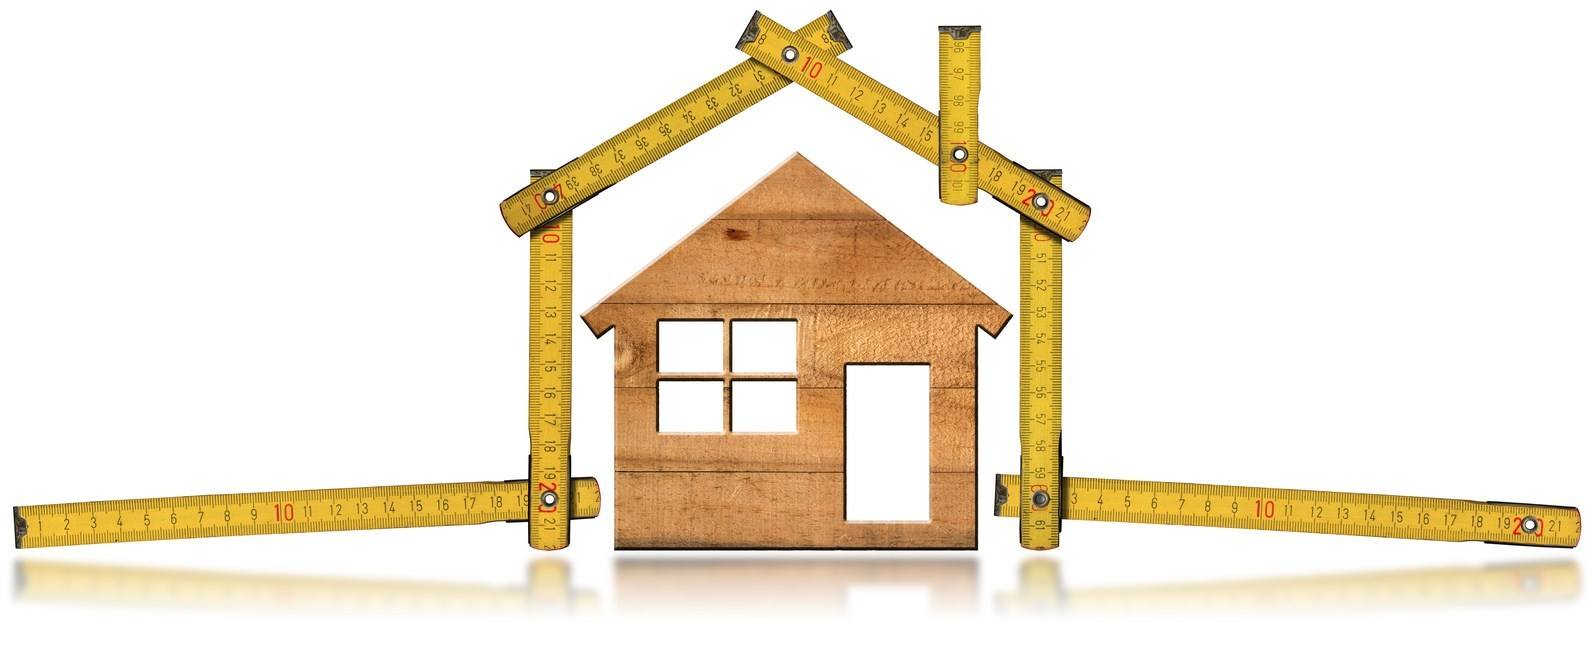 Avaliação bancária das casas chega aos 1.226 euros por m2 em janeiro (sobe há 22 meses).